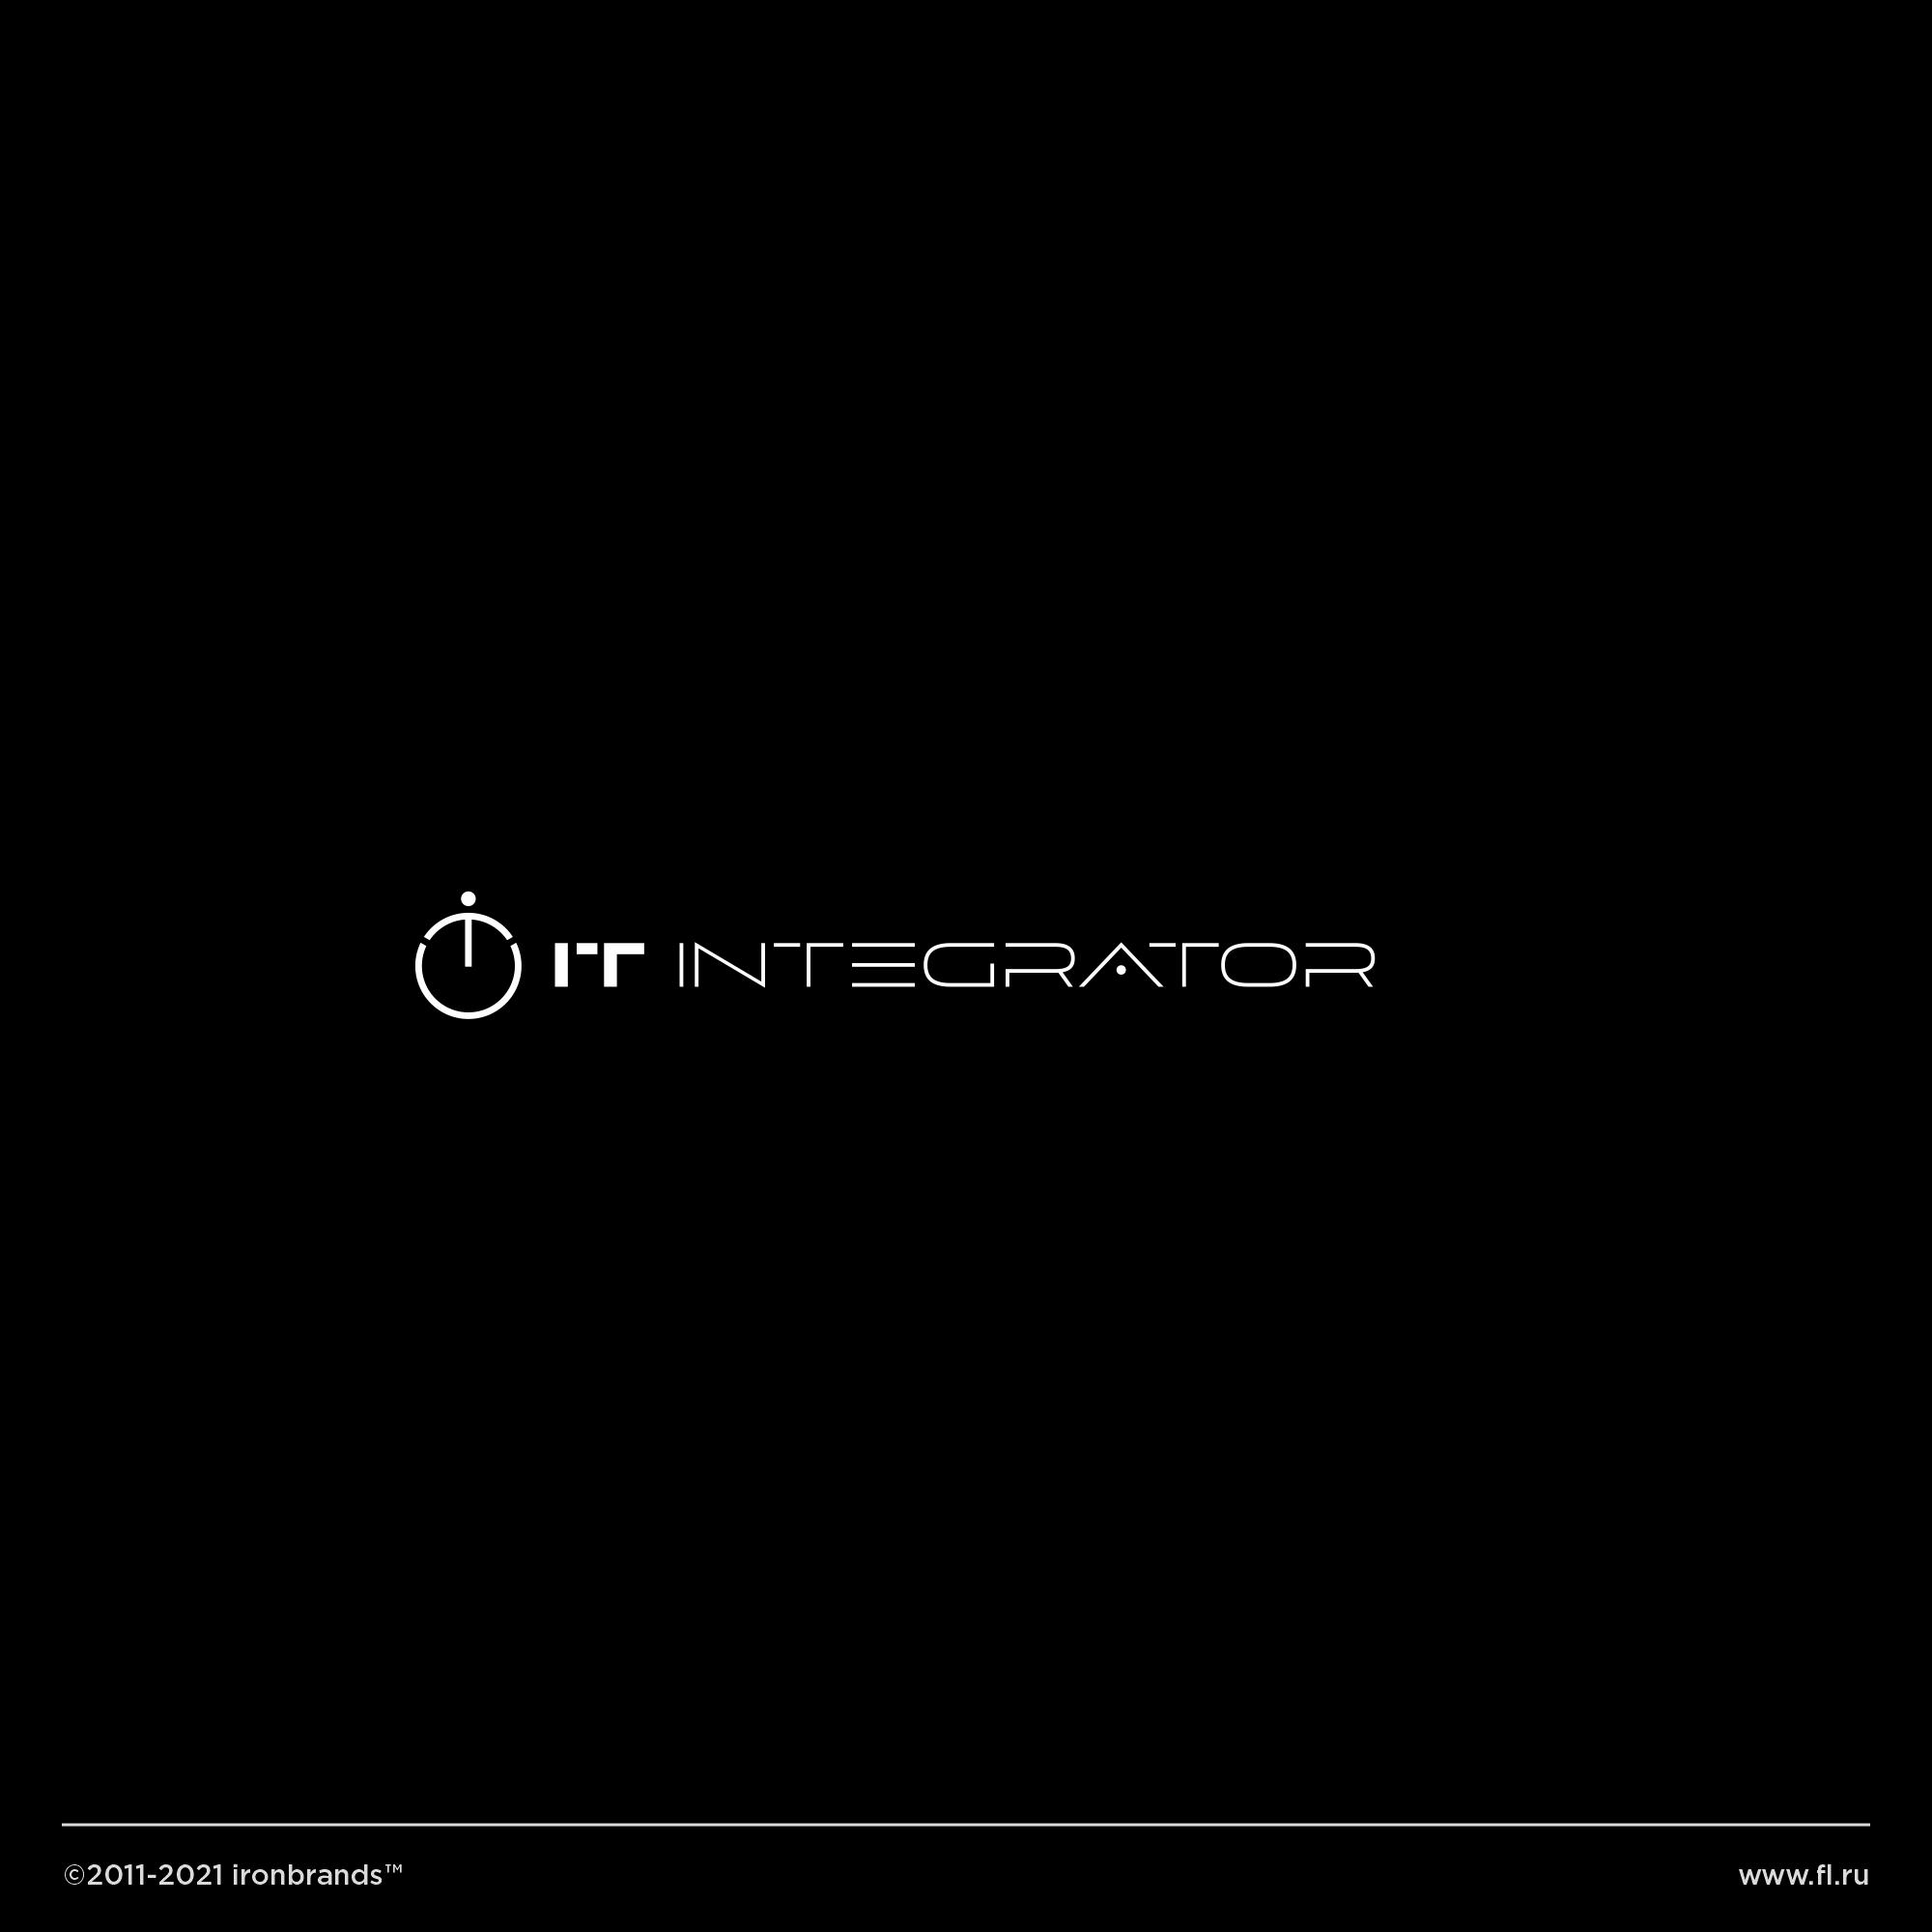 Логотип для IT интегратора фото f_708614daa08020b0.jpg